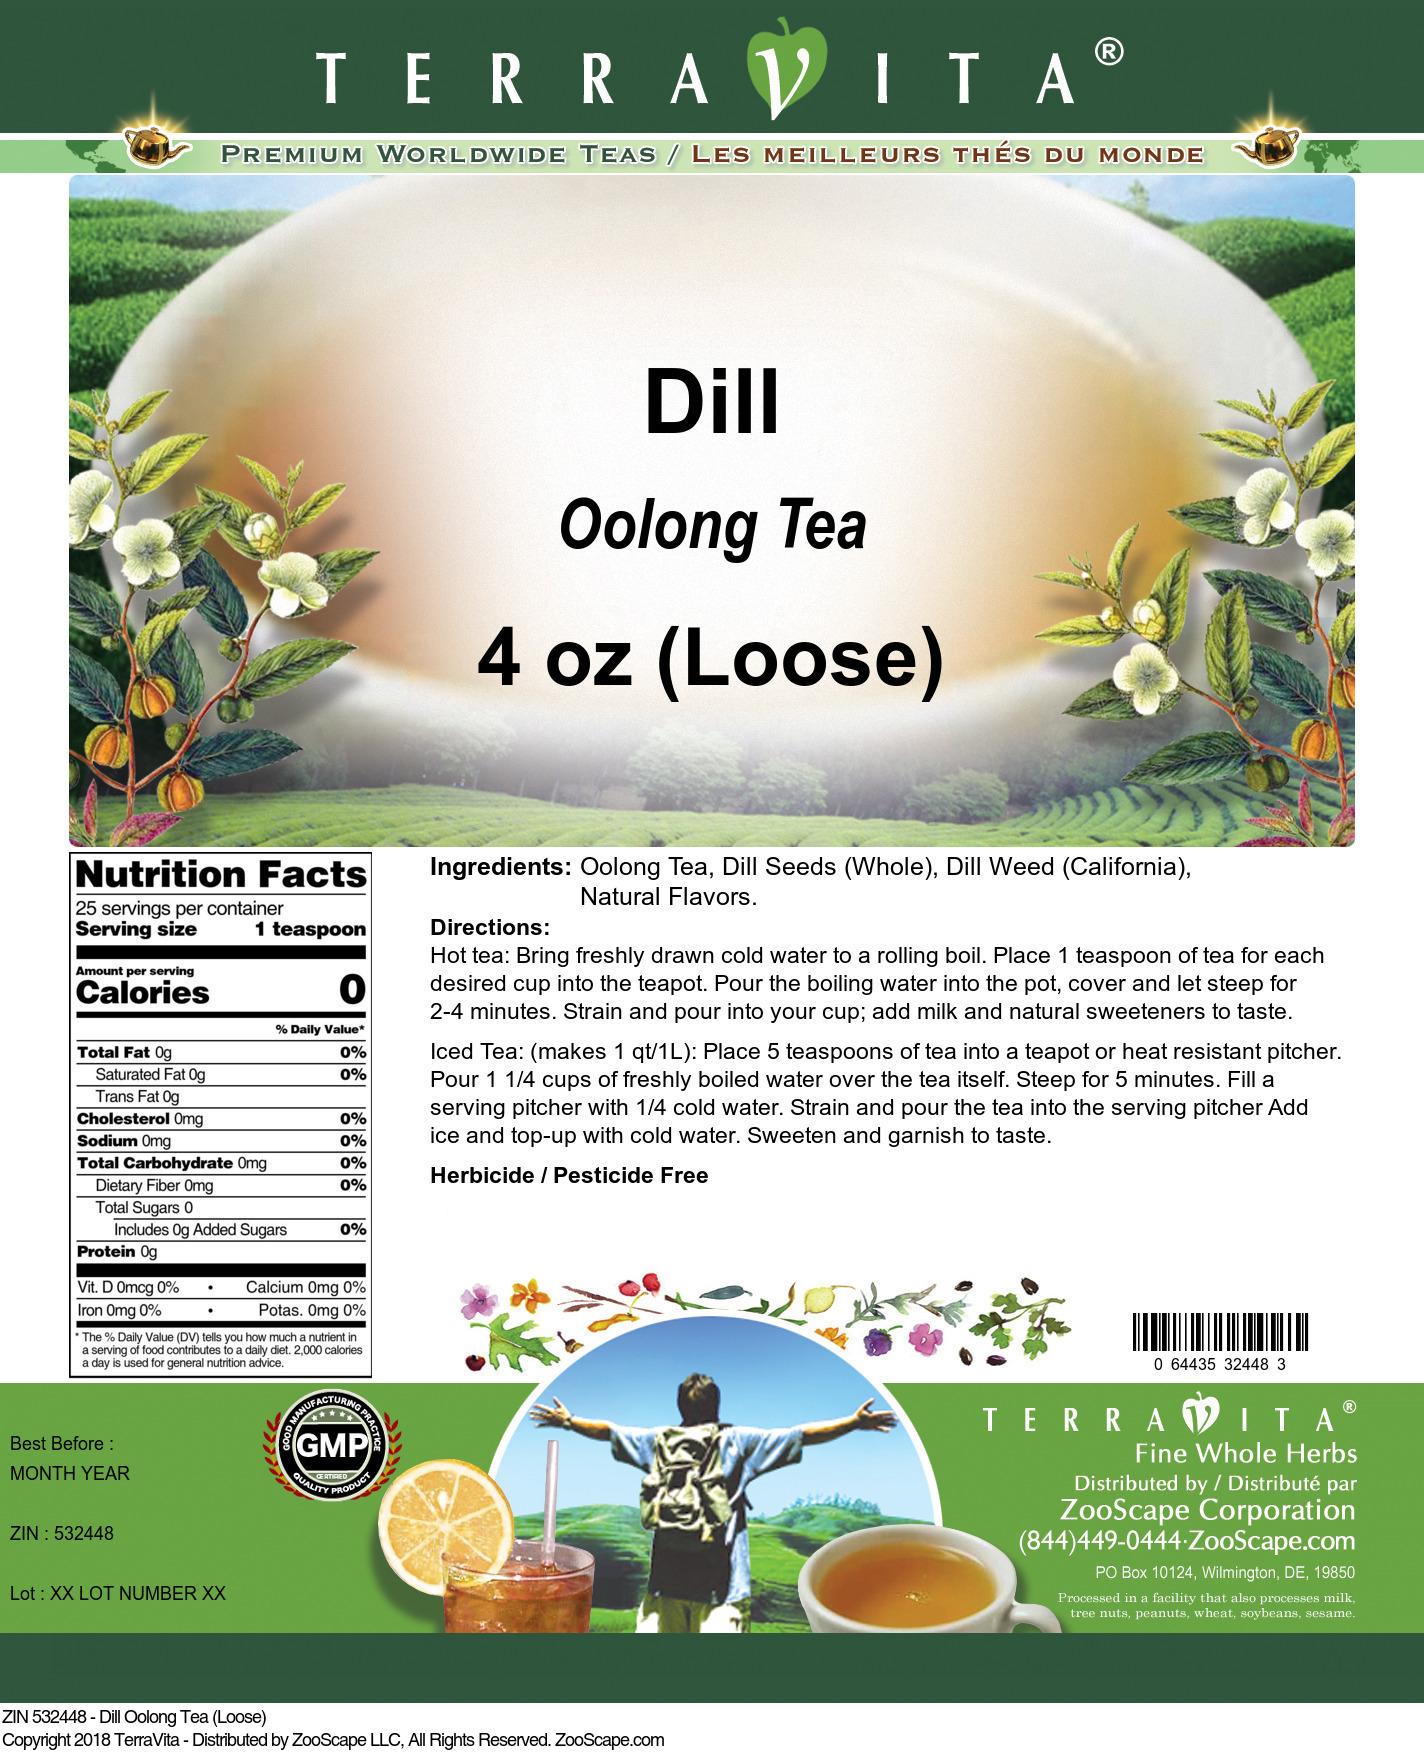 Dill Oolong Tea (Loose)